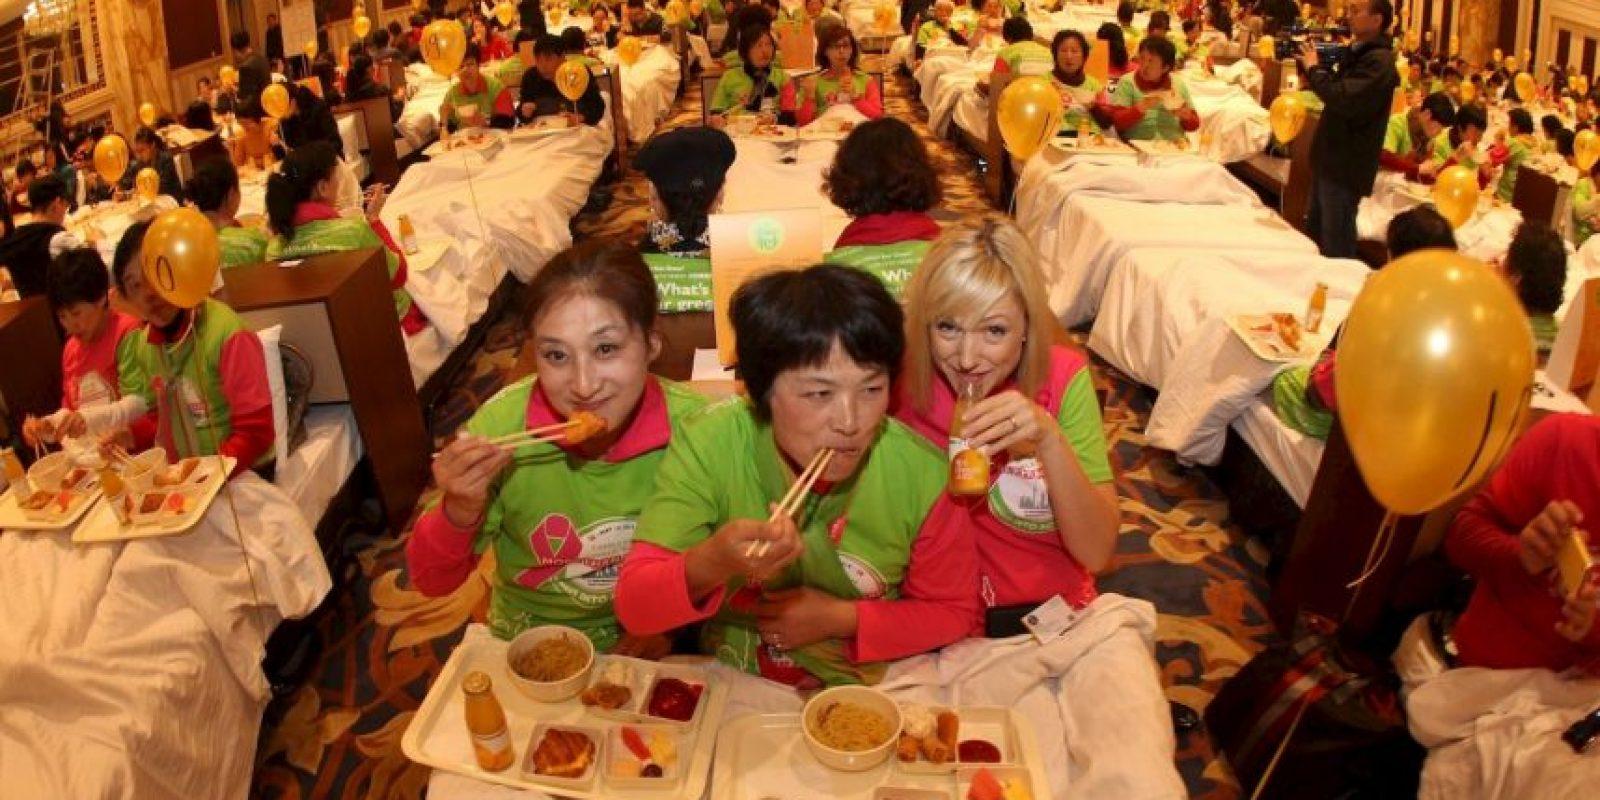 La mayor cantidad de personas desayunando en la cama. Foto:Getty images